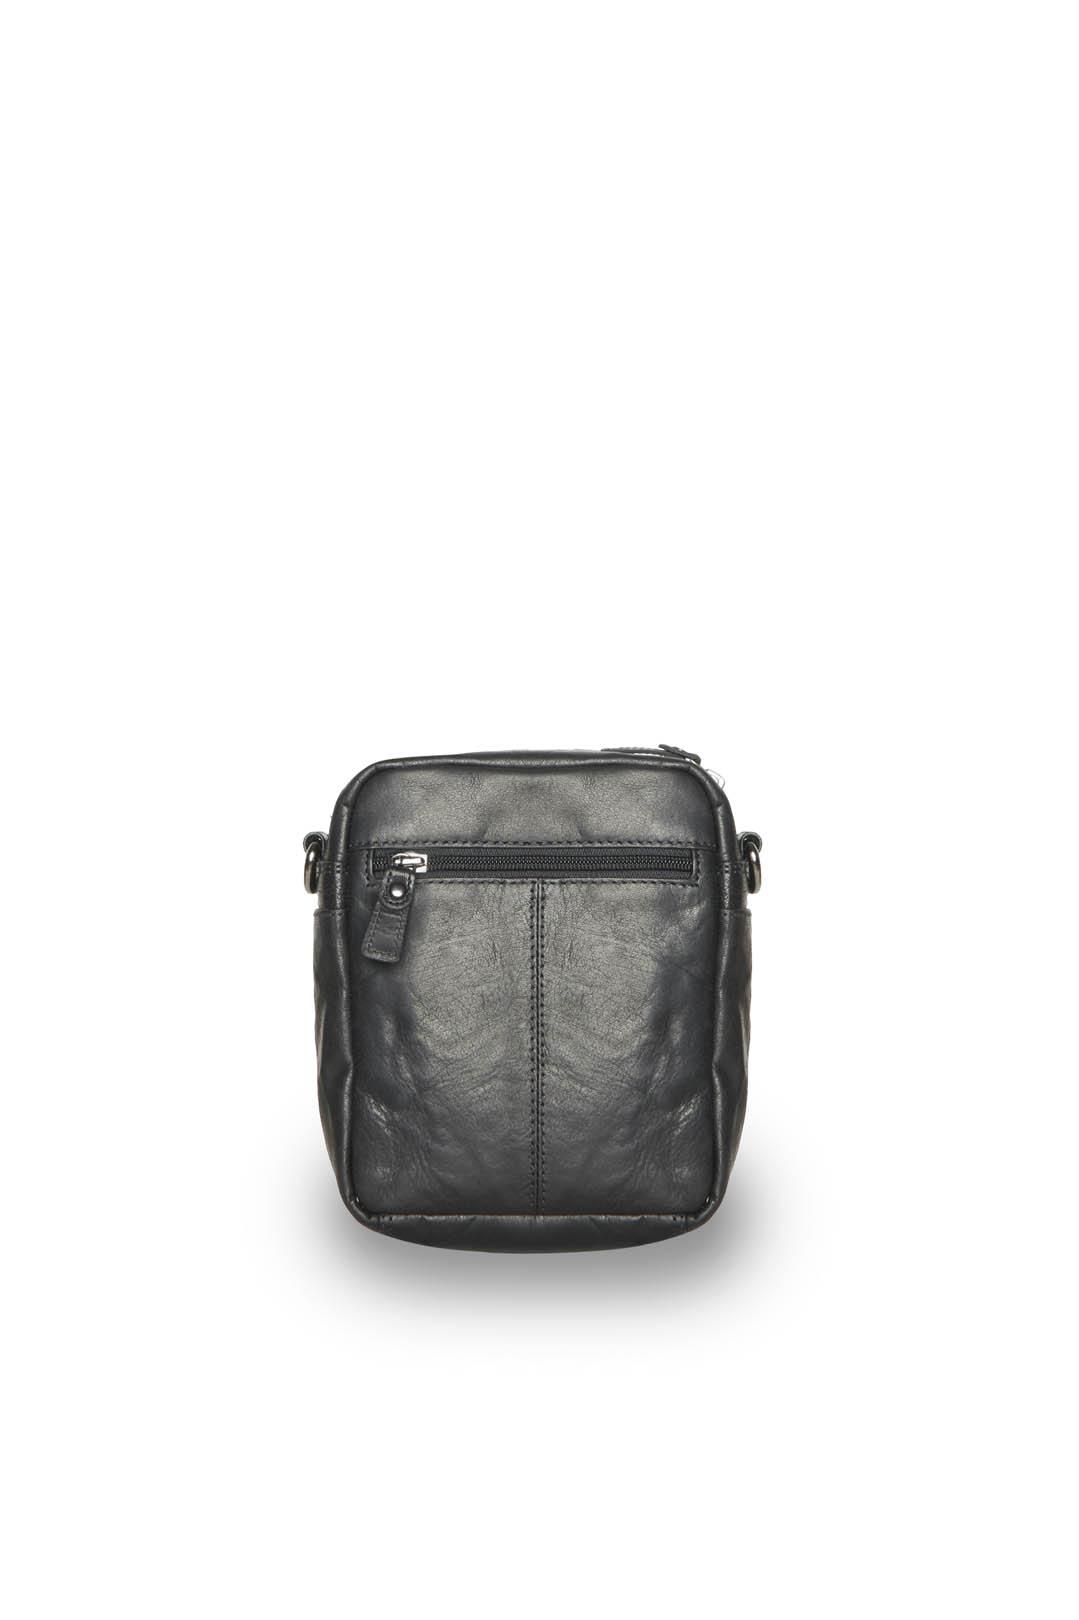 Leather bag with shoulder strap          2